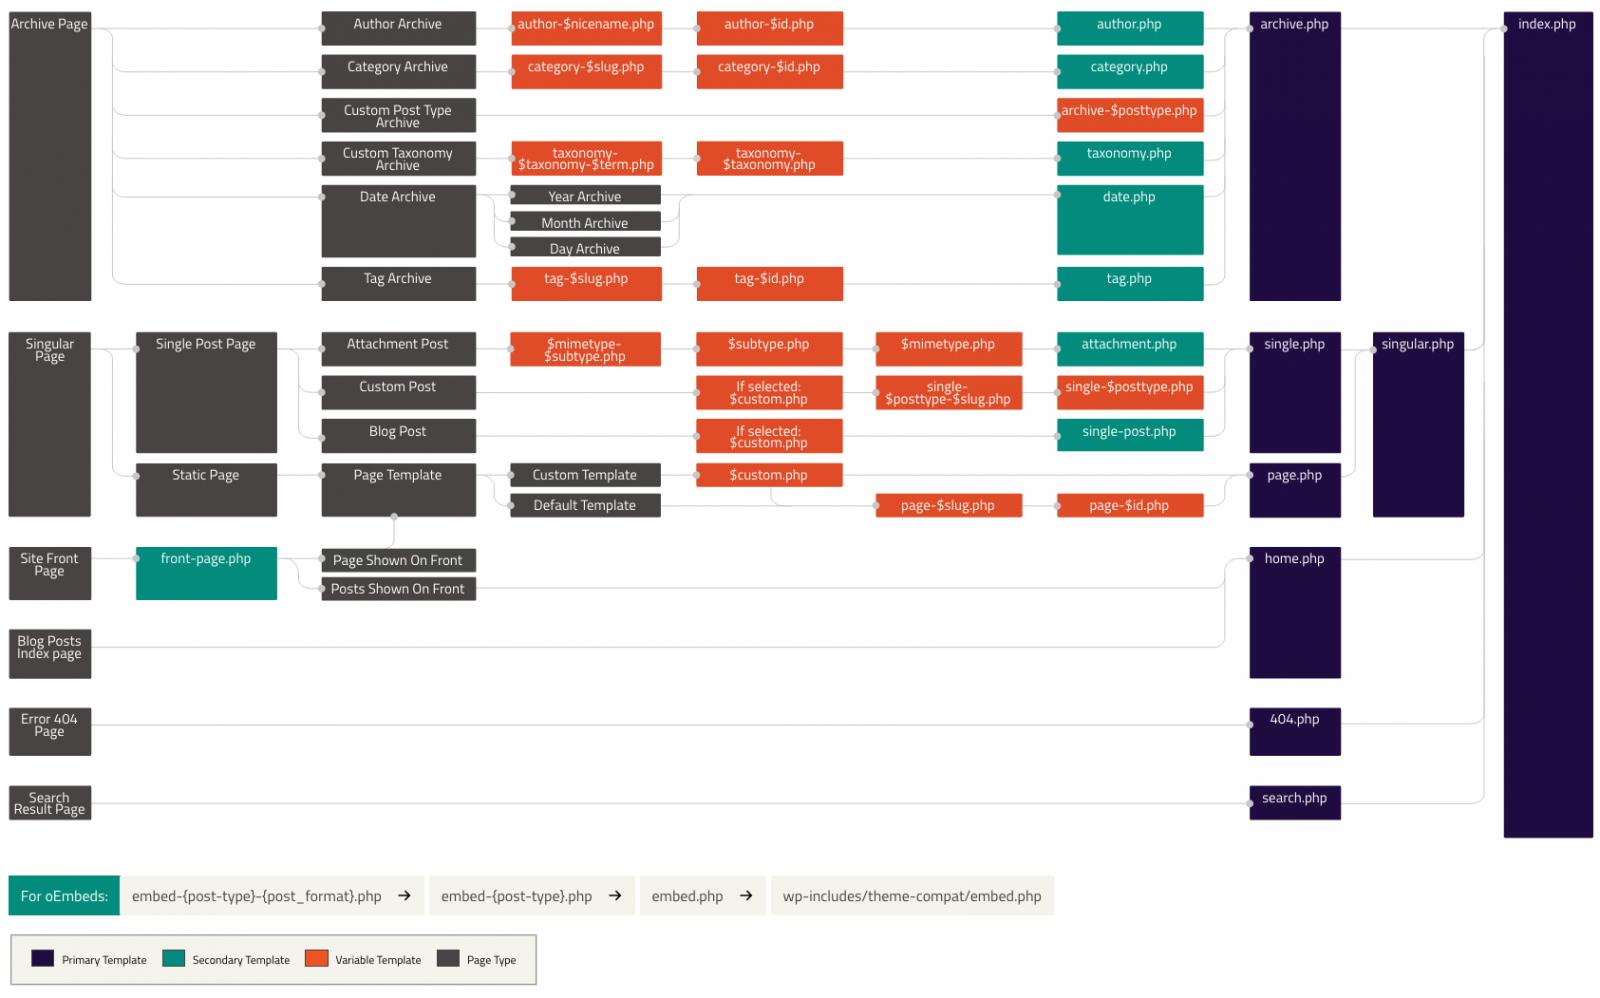 Le Template Hierarchy de WordPress